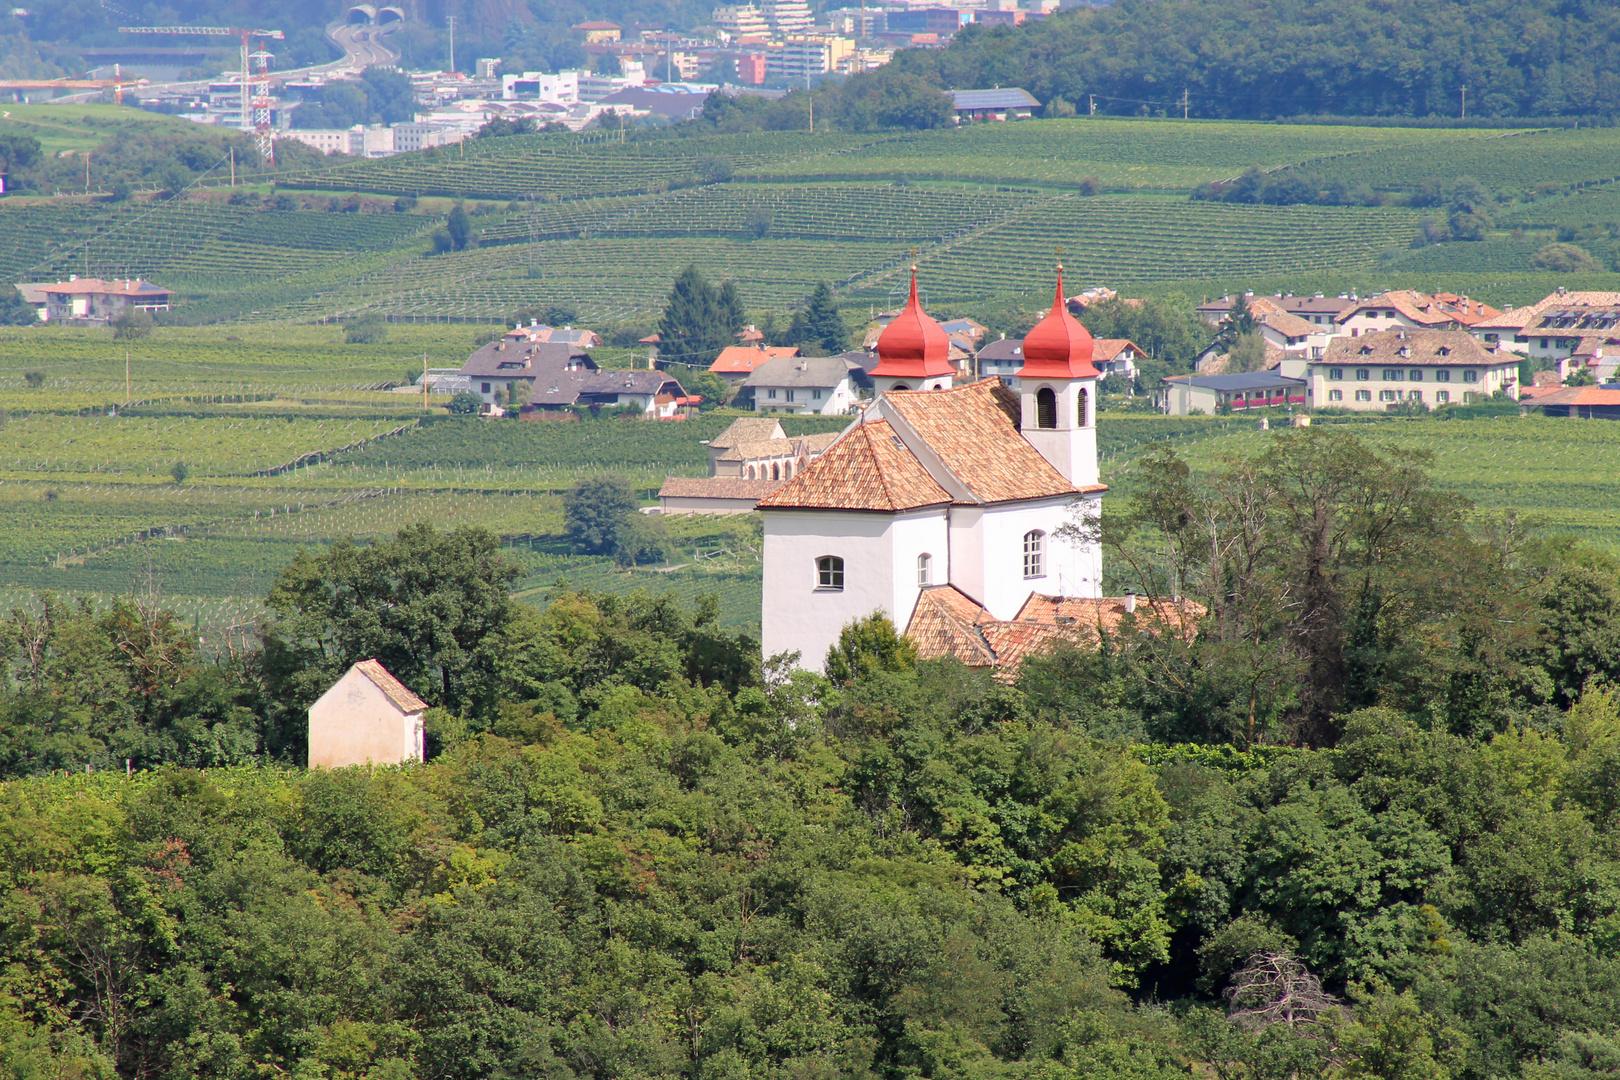 Südtiroler Kirche umgeben von Weinbergen